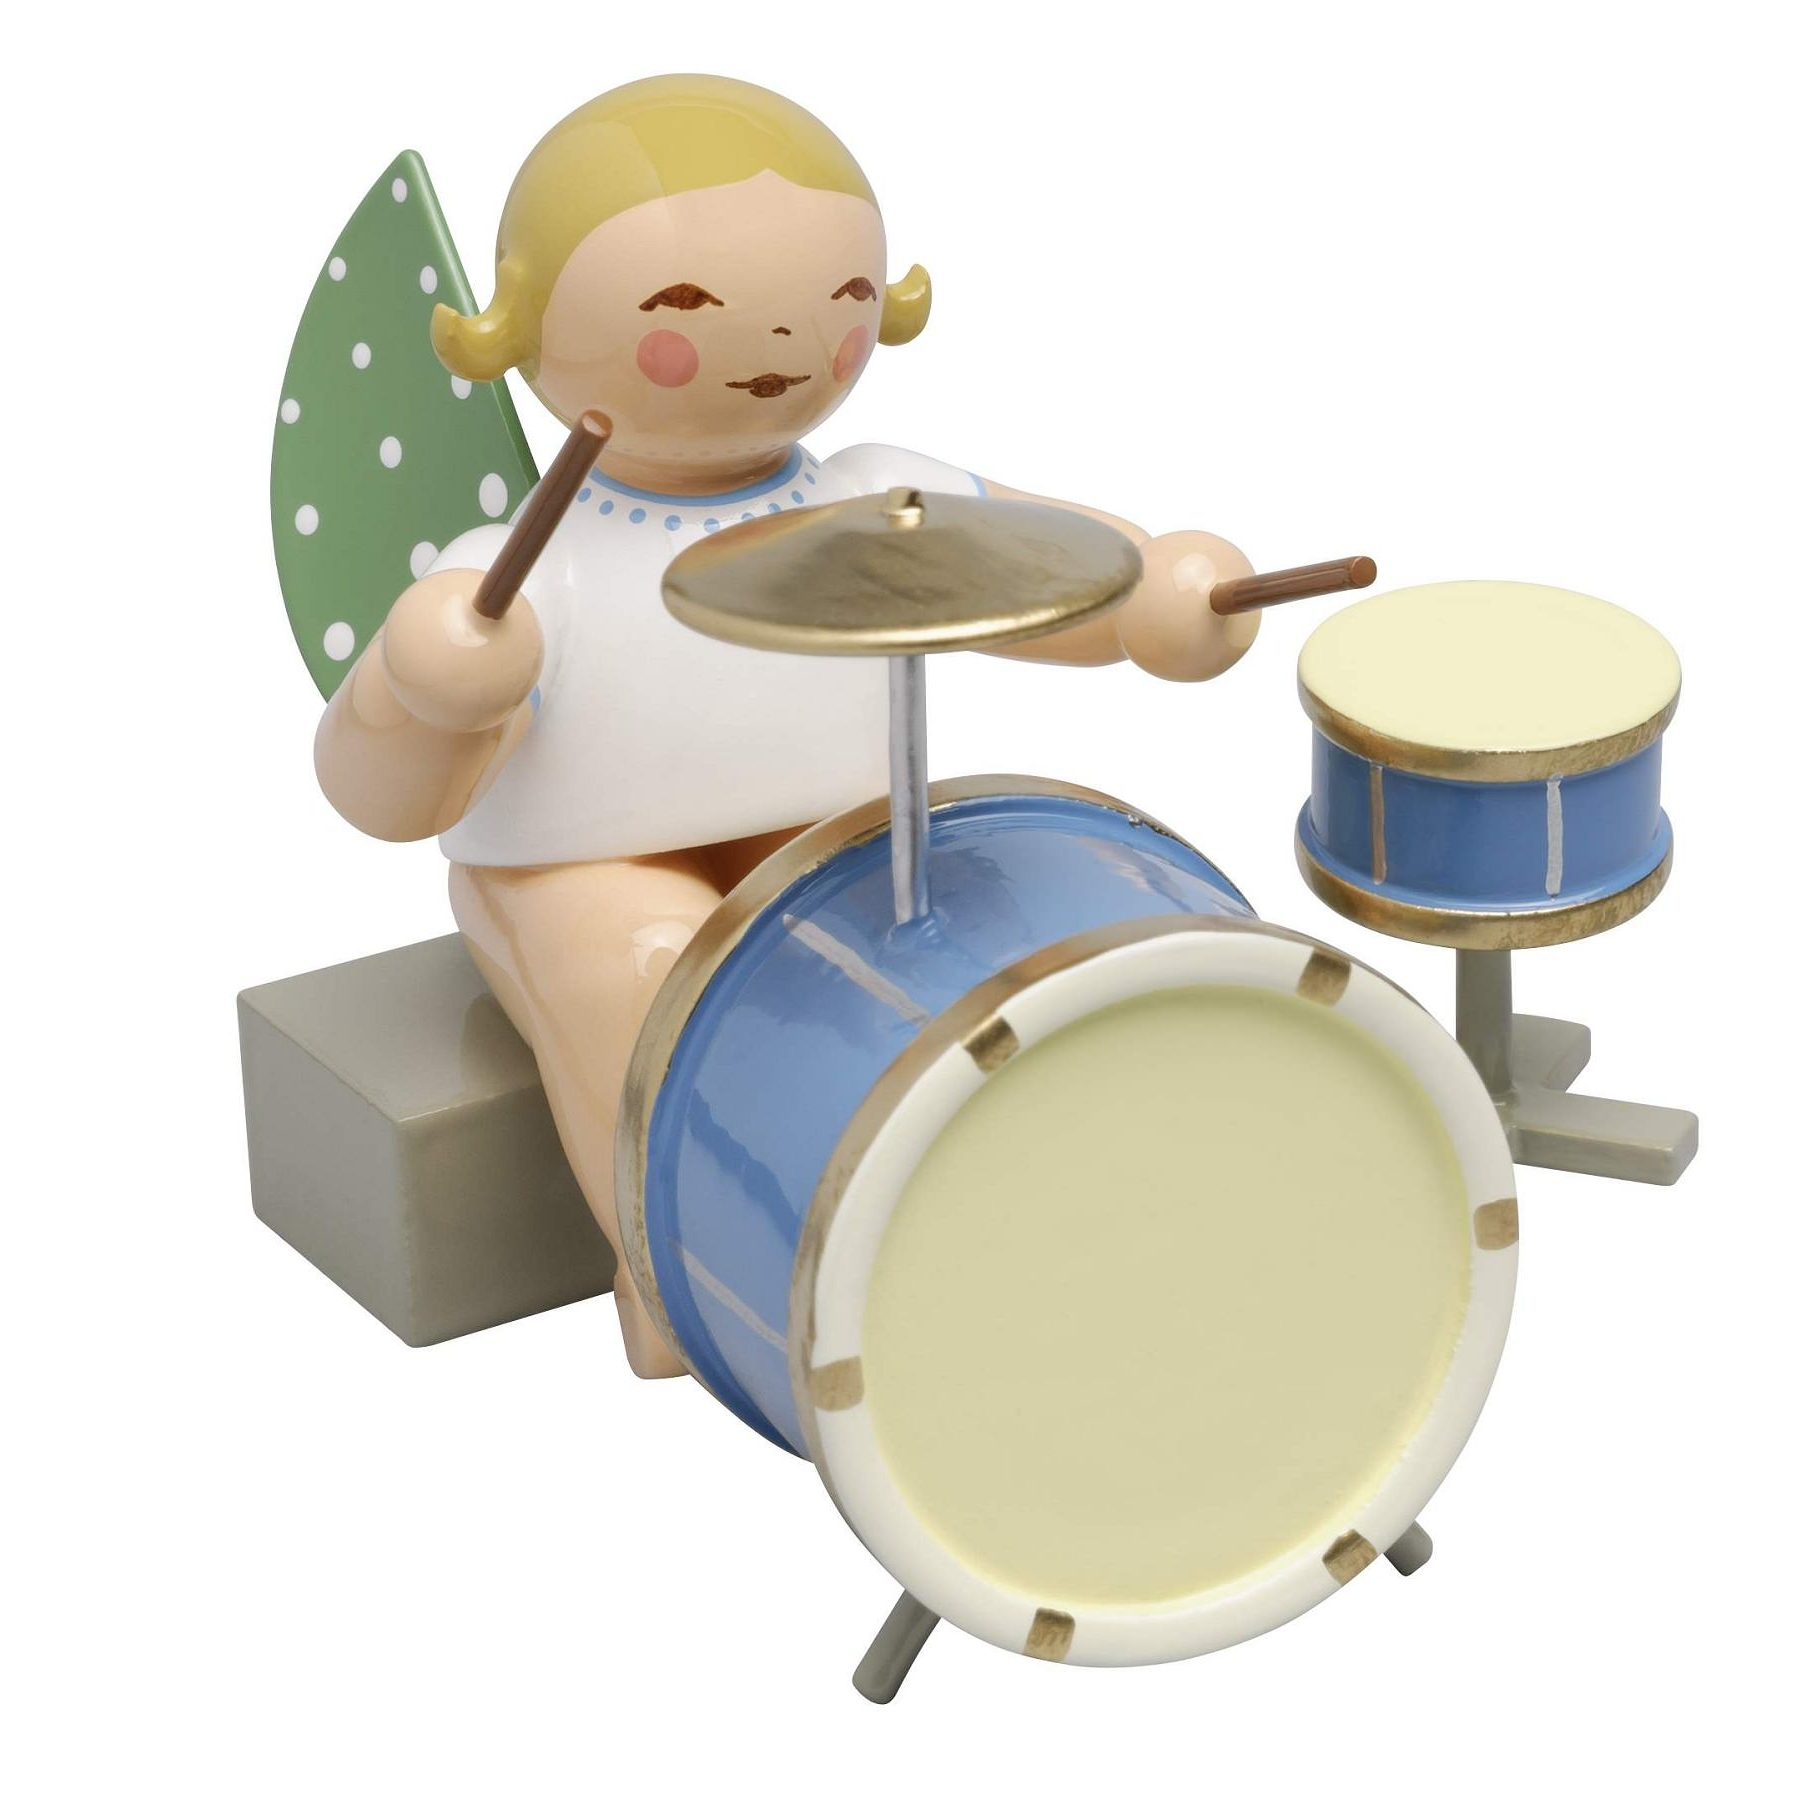 Engel mit zweiteiligem Schlagzeug, braunes Haar